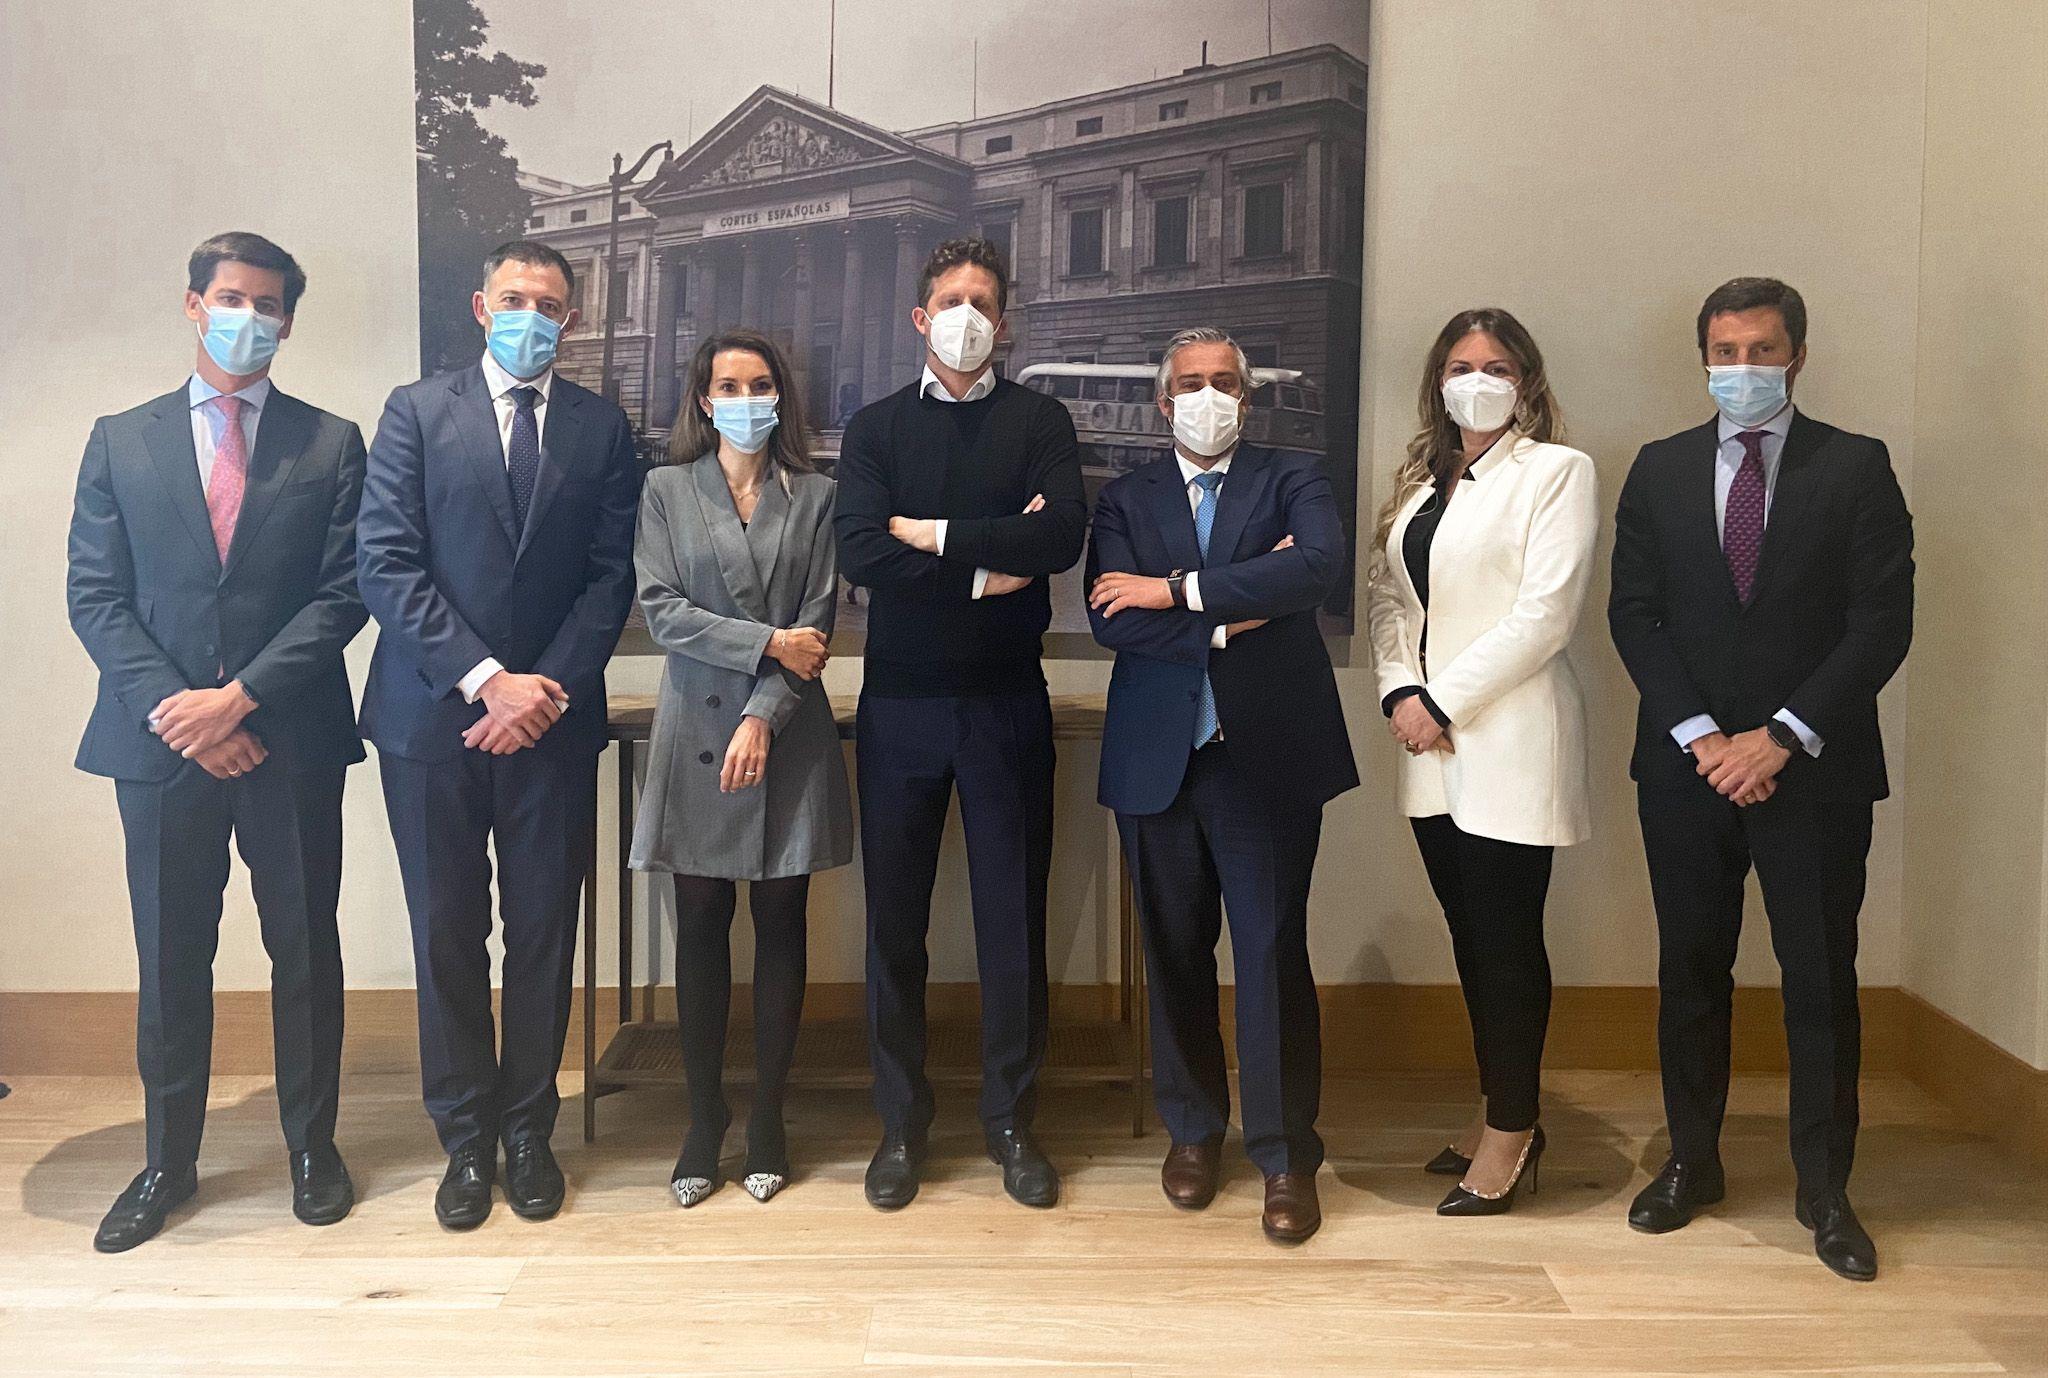 Foto de Os principais representantes do grupo HipoGes